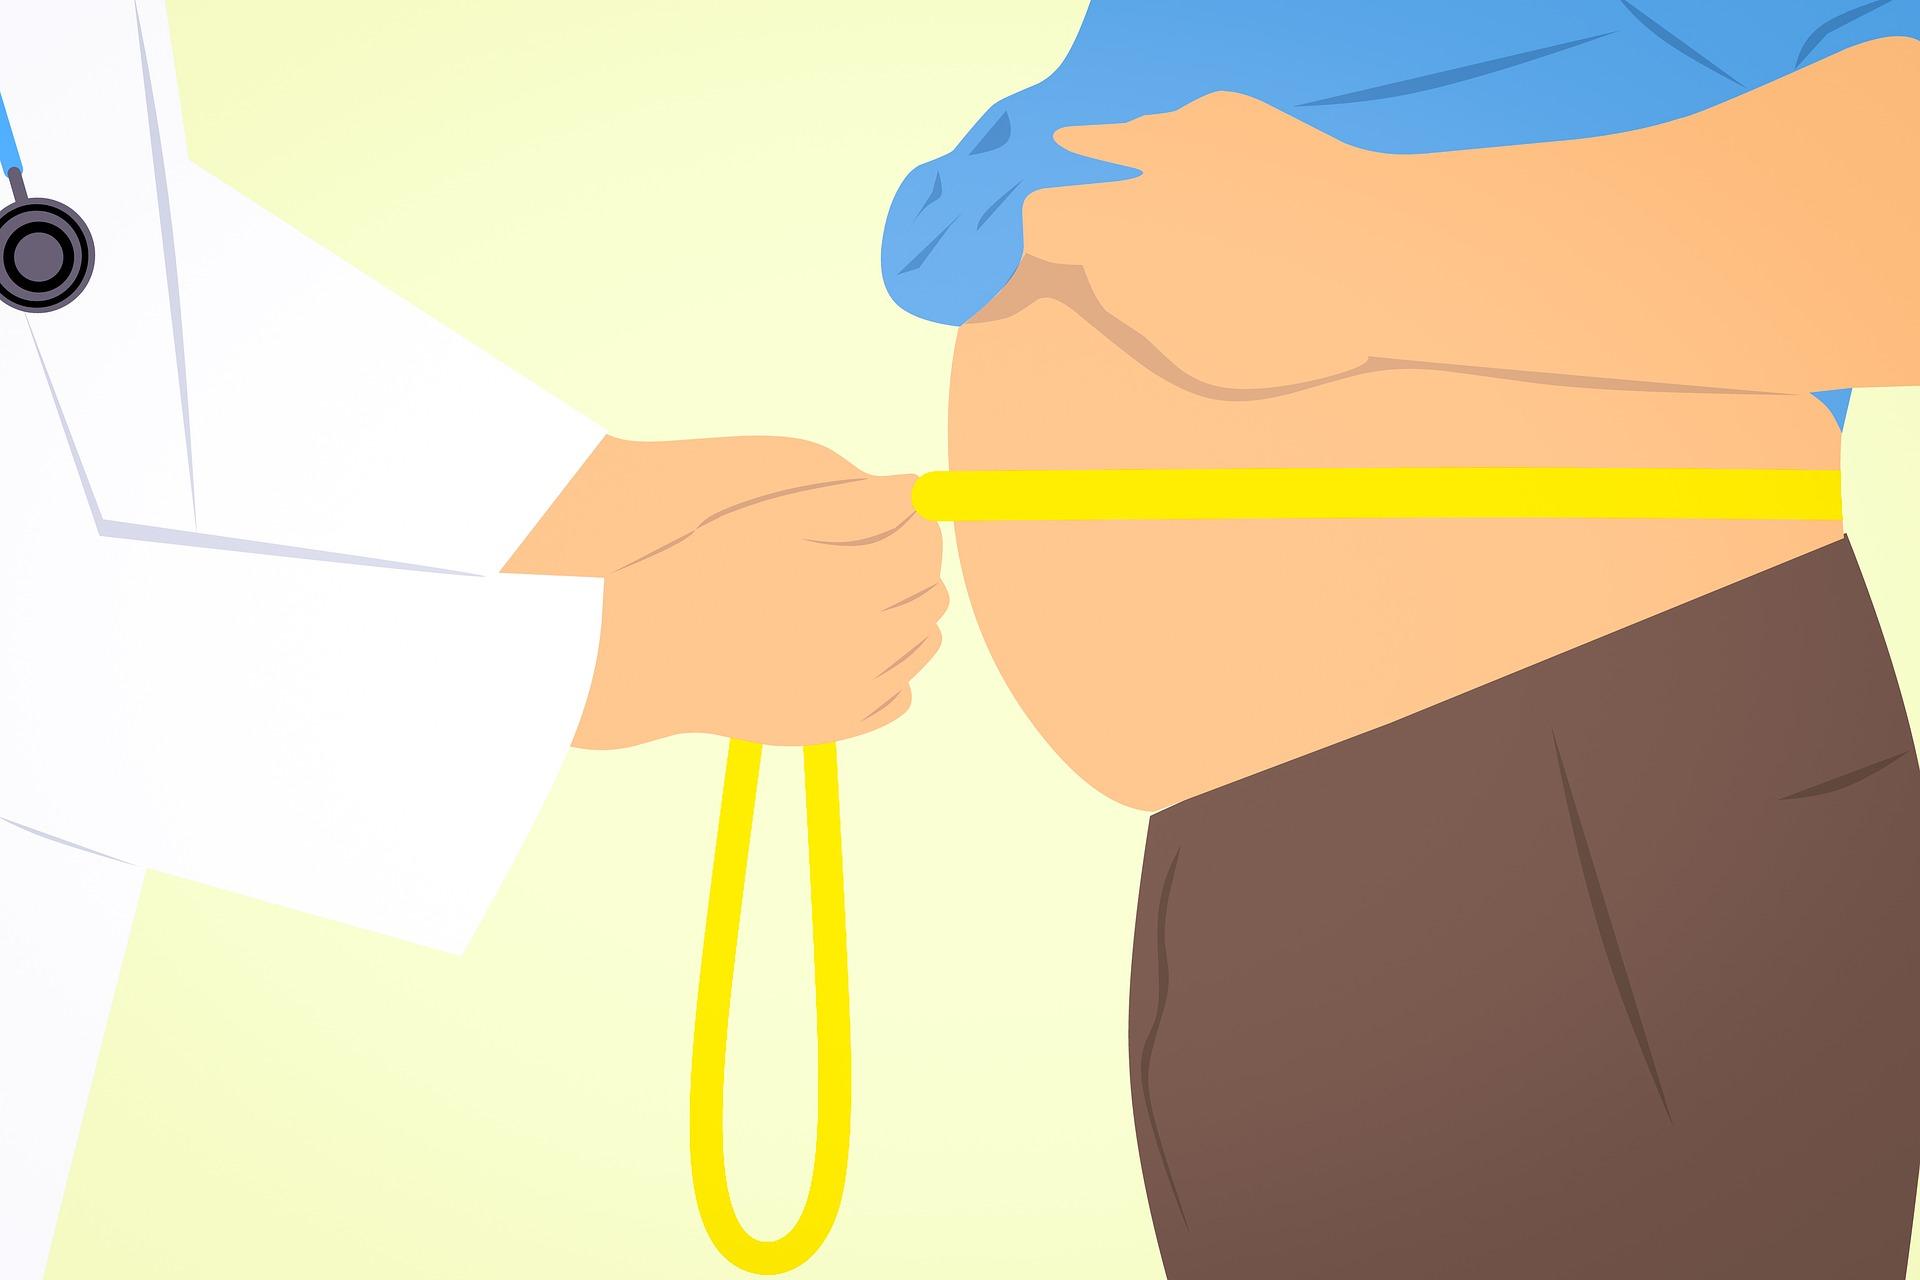 L'OSPEDALE È UN PUNTO DI RIFERIMENTO NELLA CURA DELL'OBESITÀ